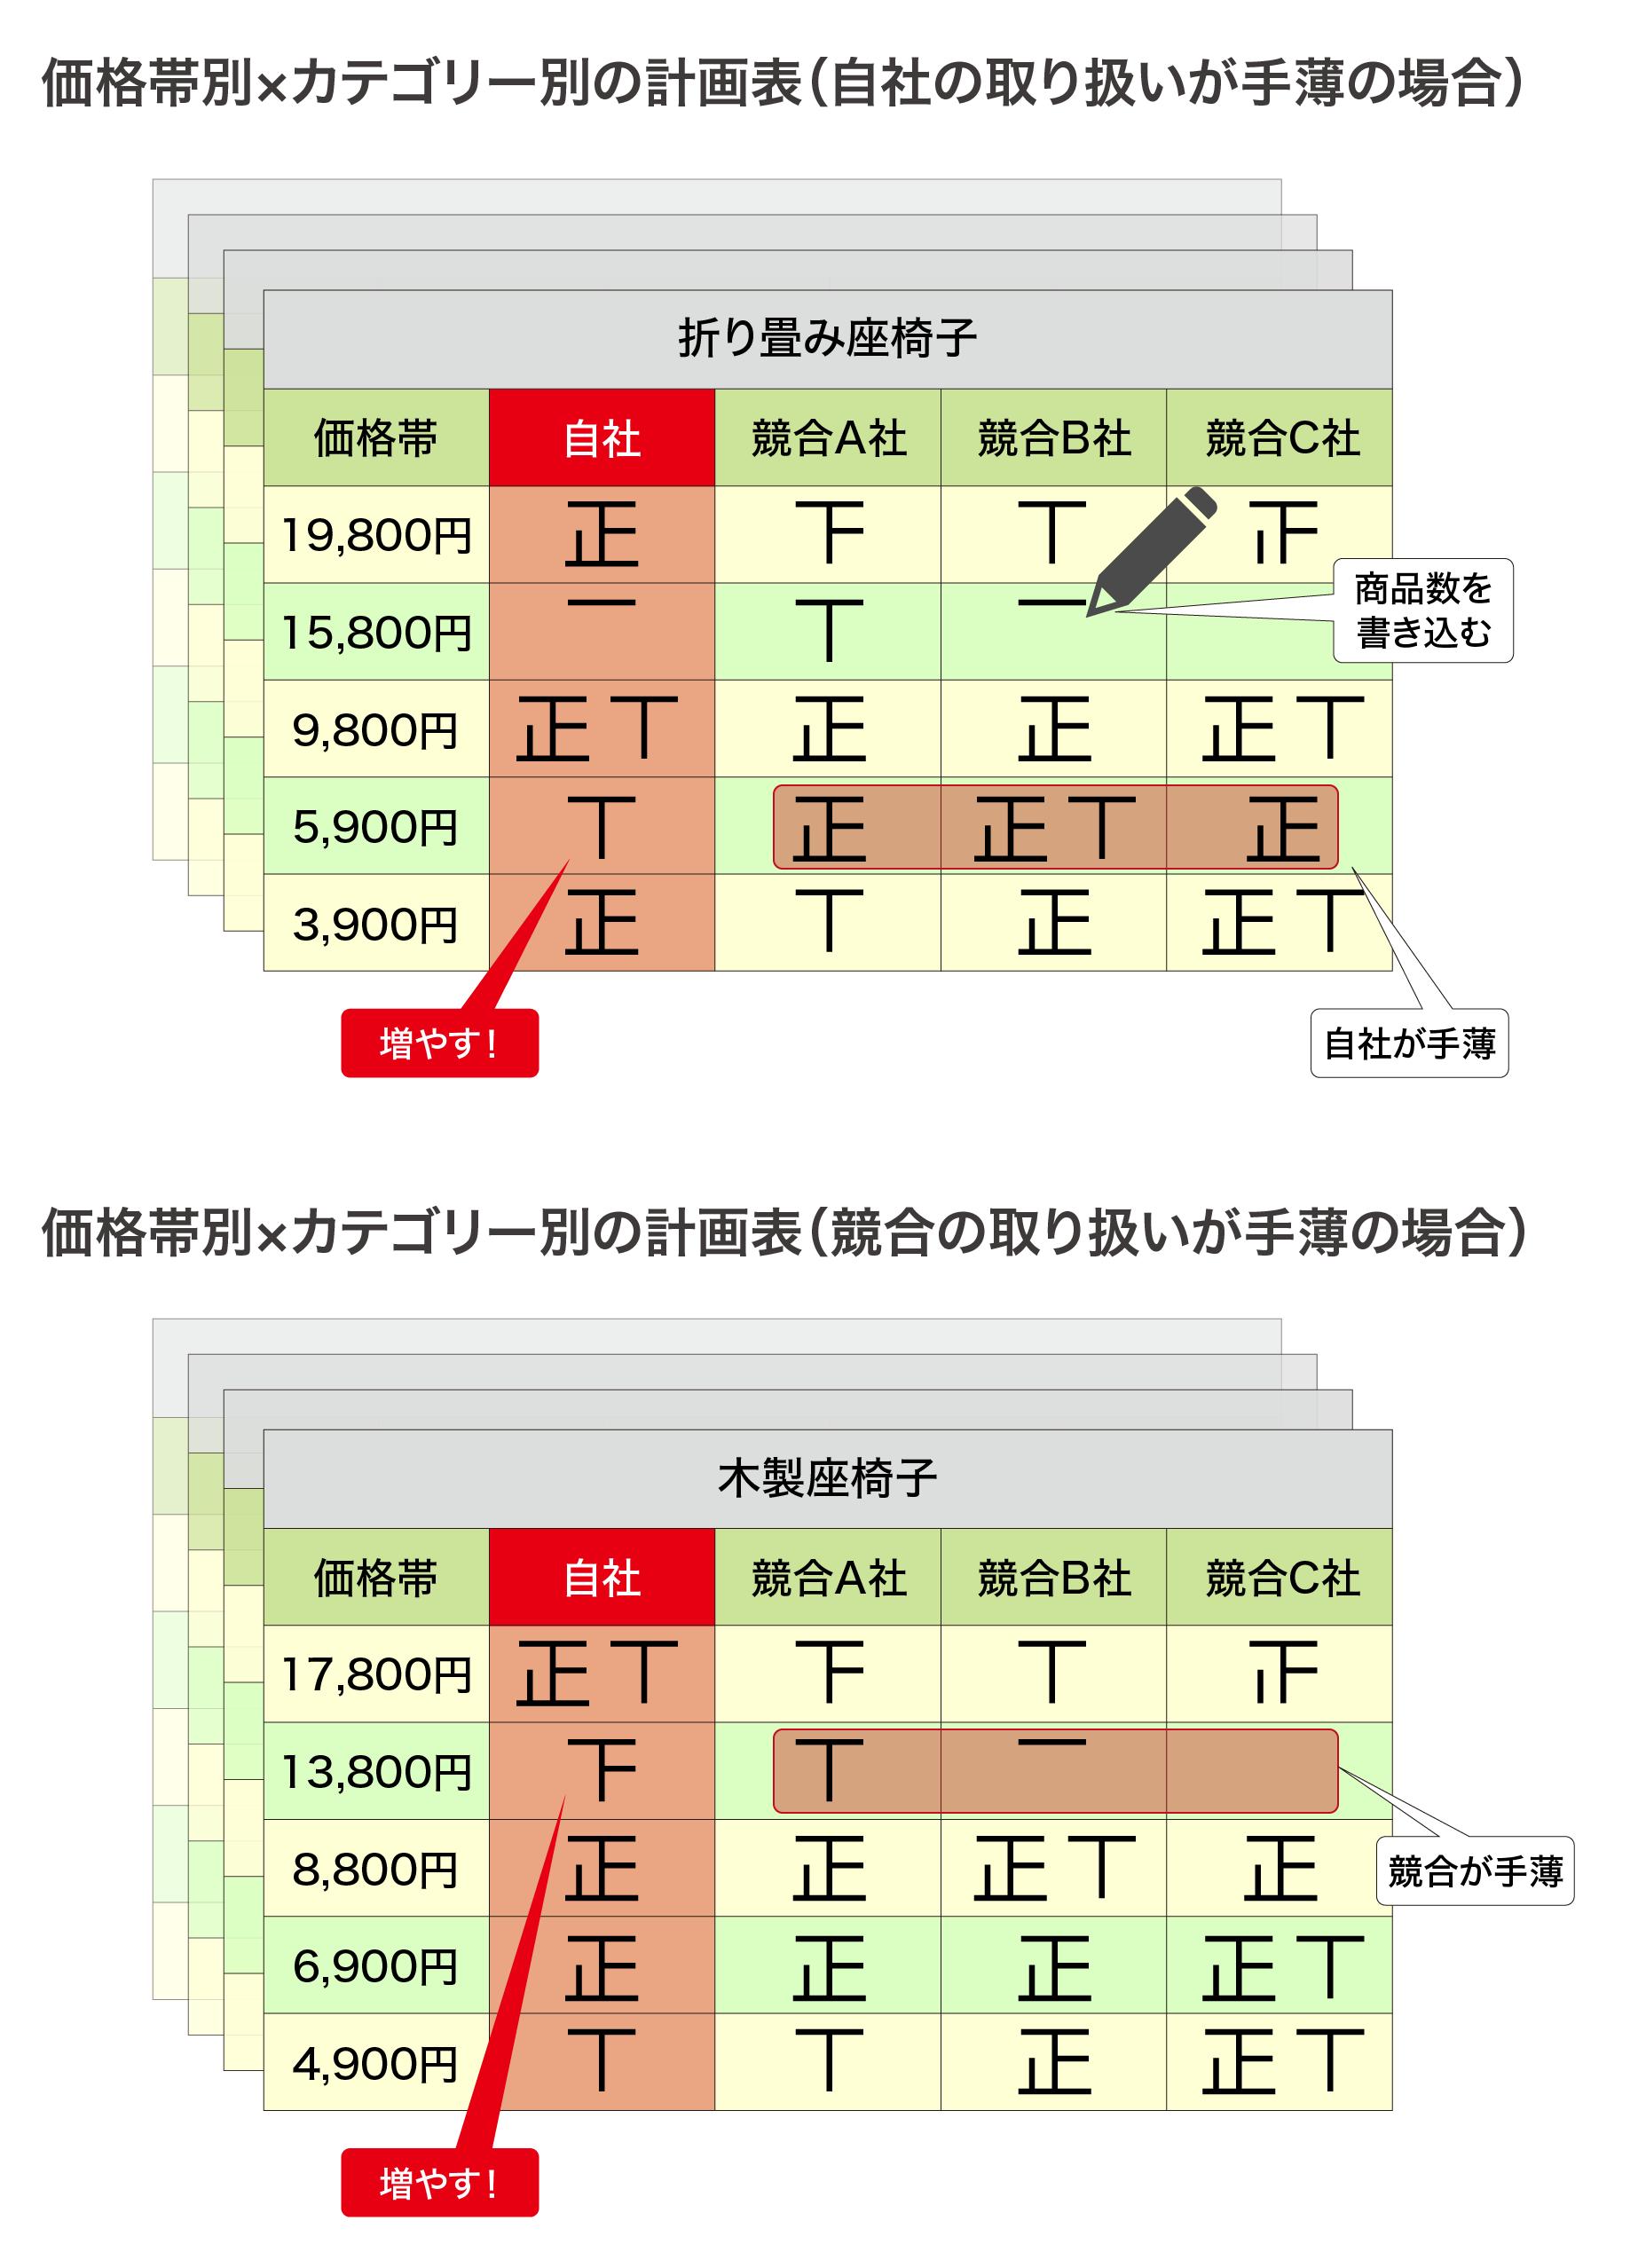 計画表は商品カテゴリーごとに作成